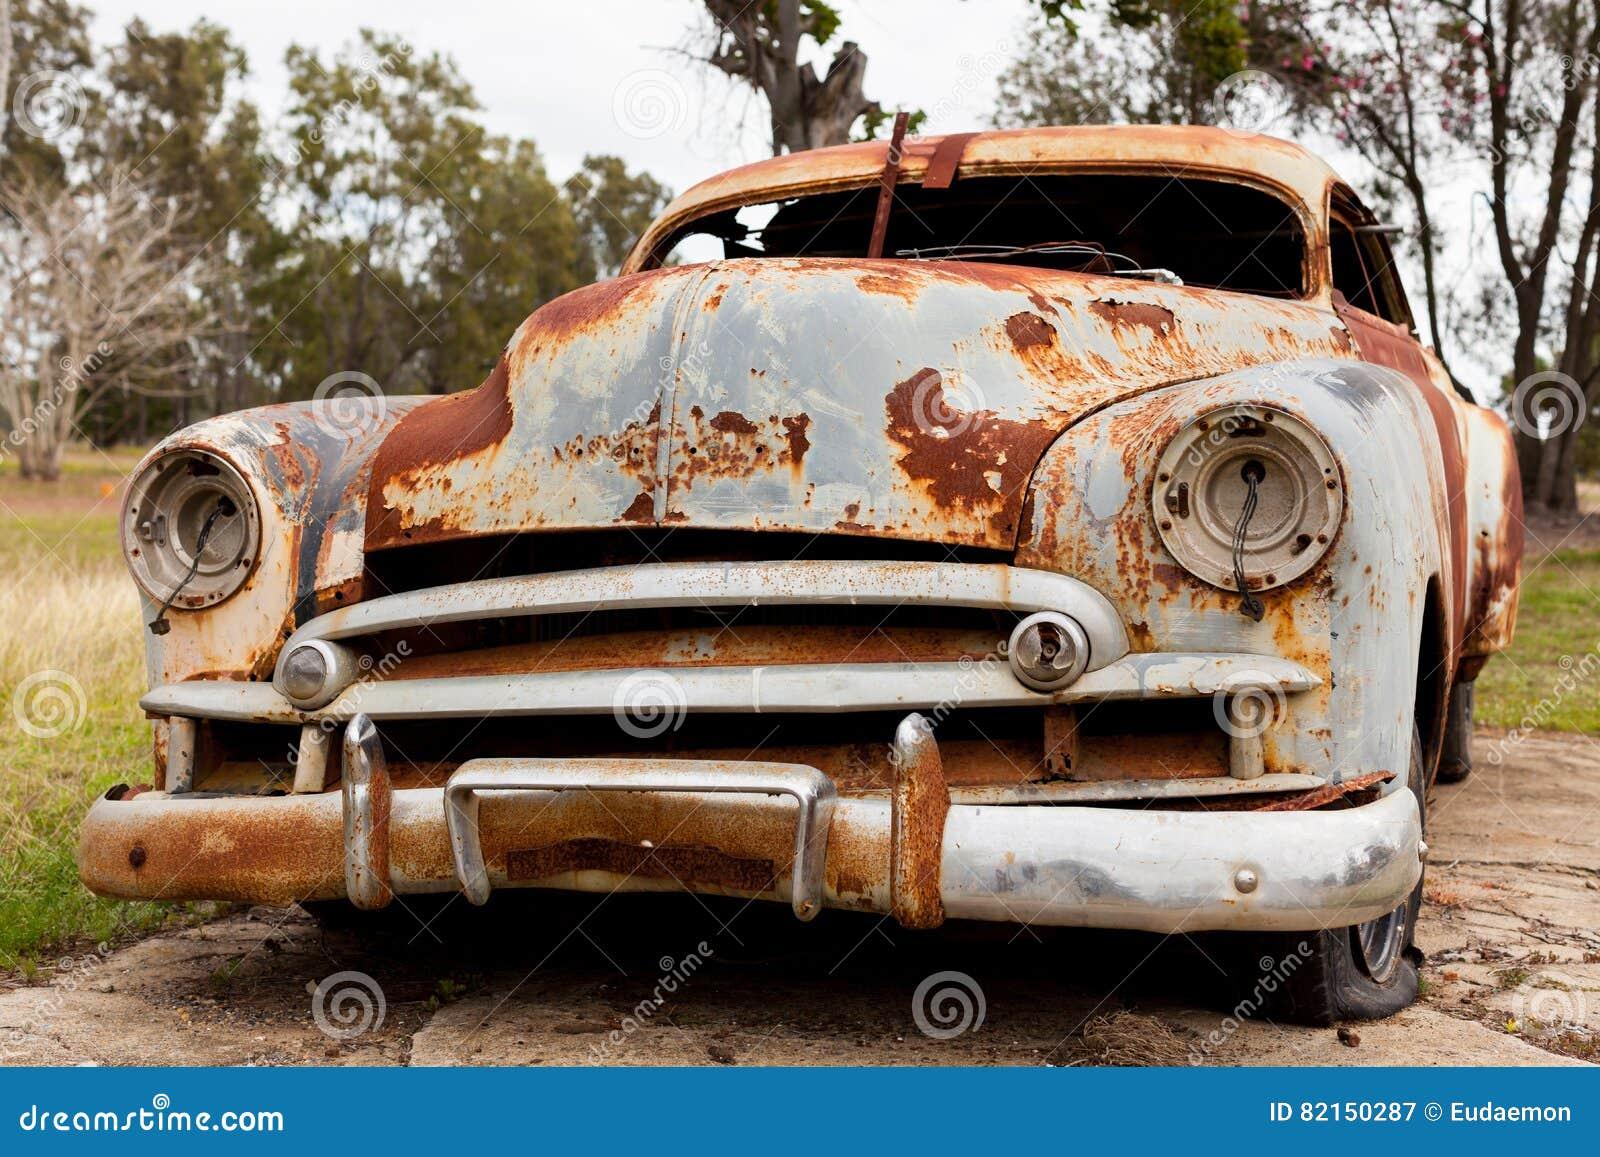 Roestige Oude Auto Stock Afbeelding Image Of Auto Koplamp 82150287